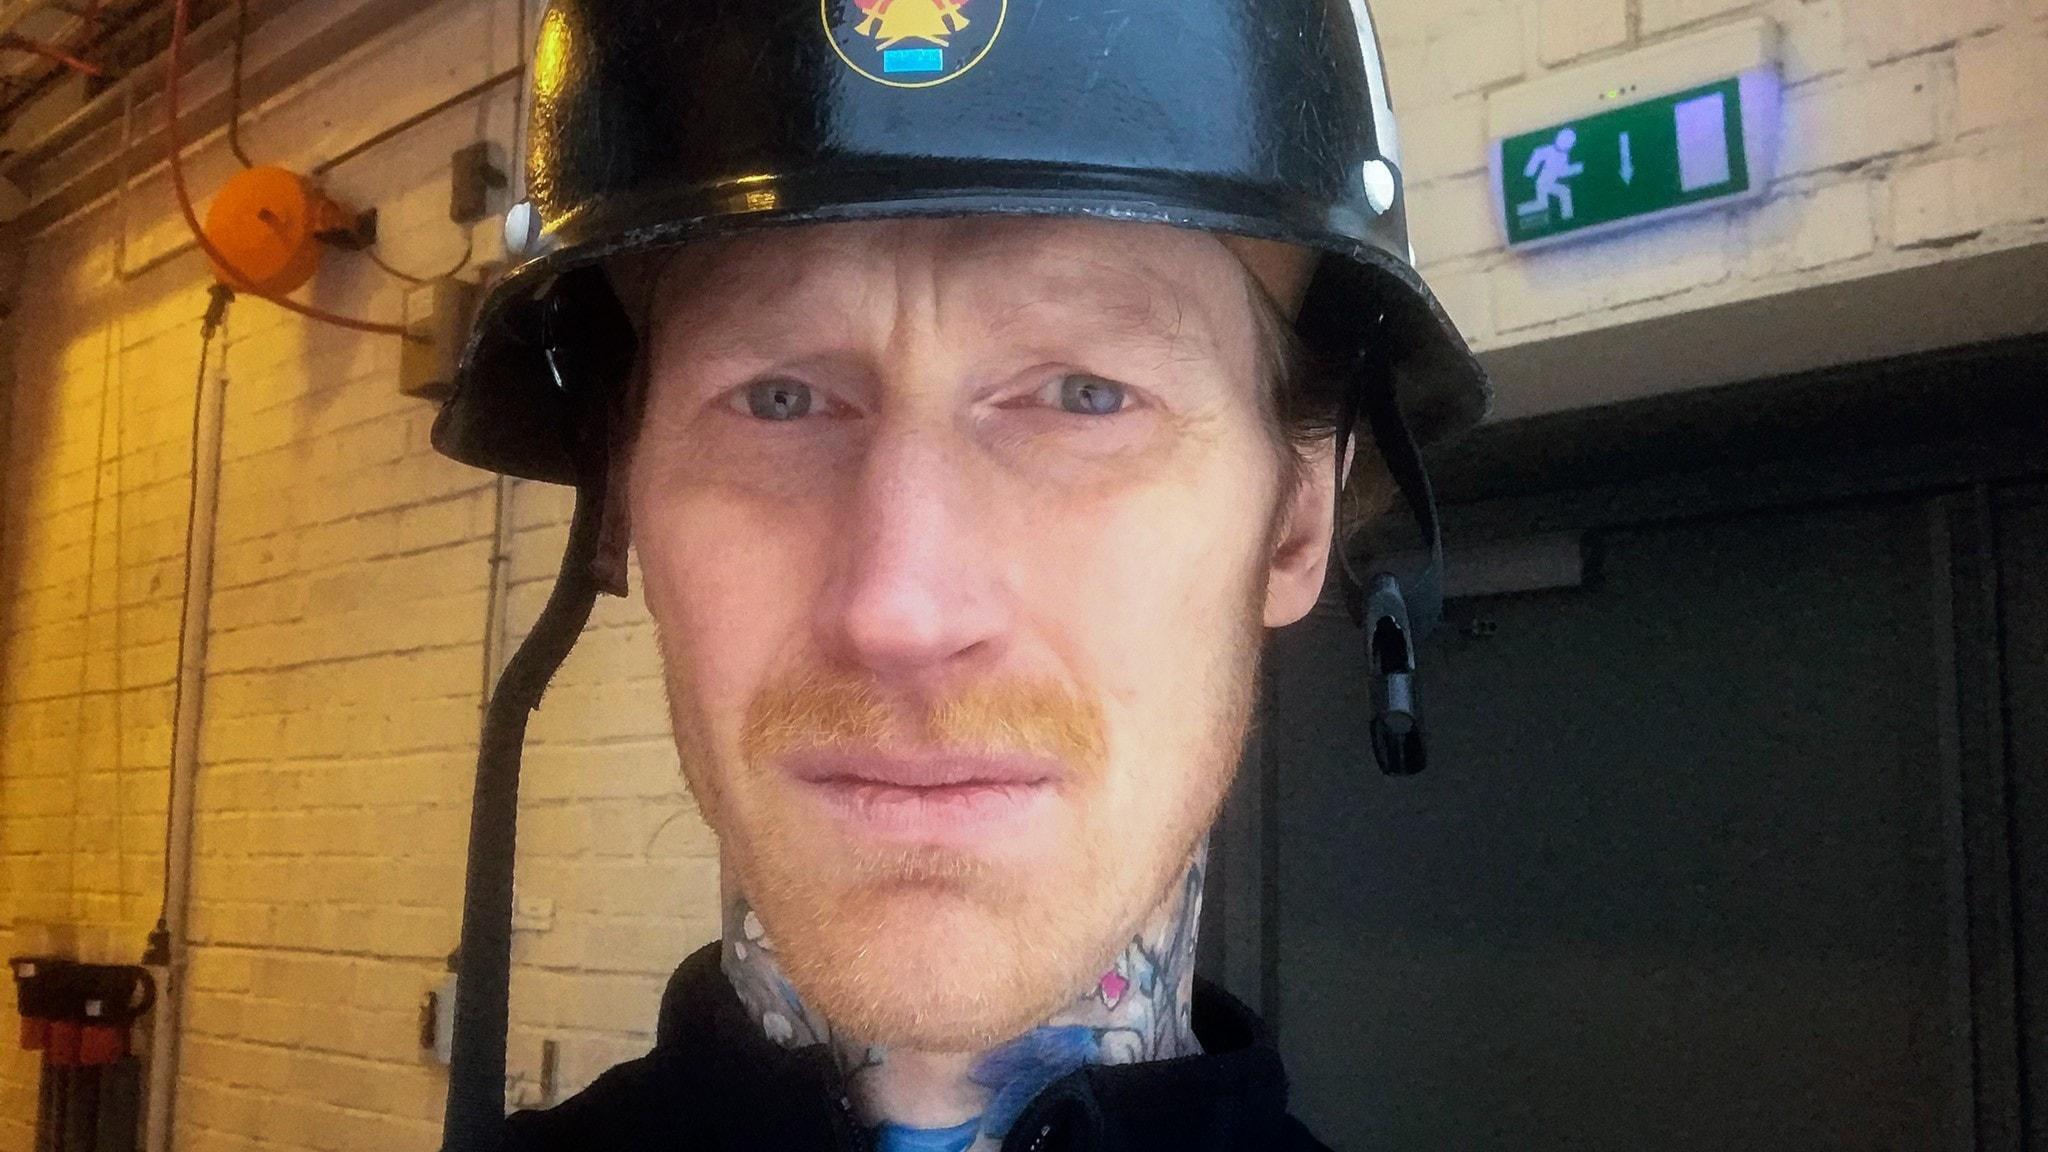 Del 2. Vanligt folk: Som en fluga på väggen. Daniel Resare – brandman P1 Sveriges Radio